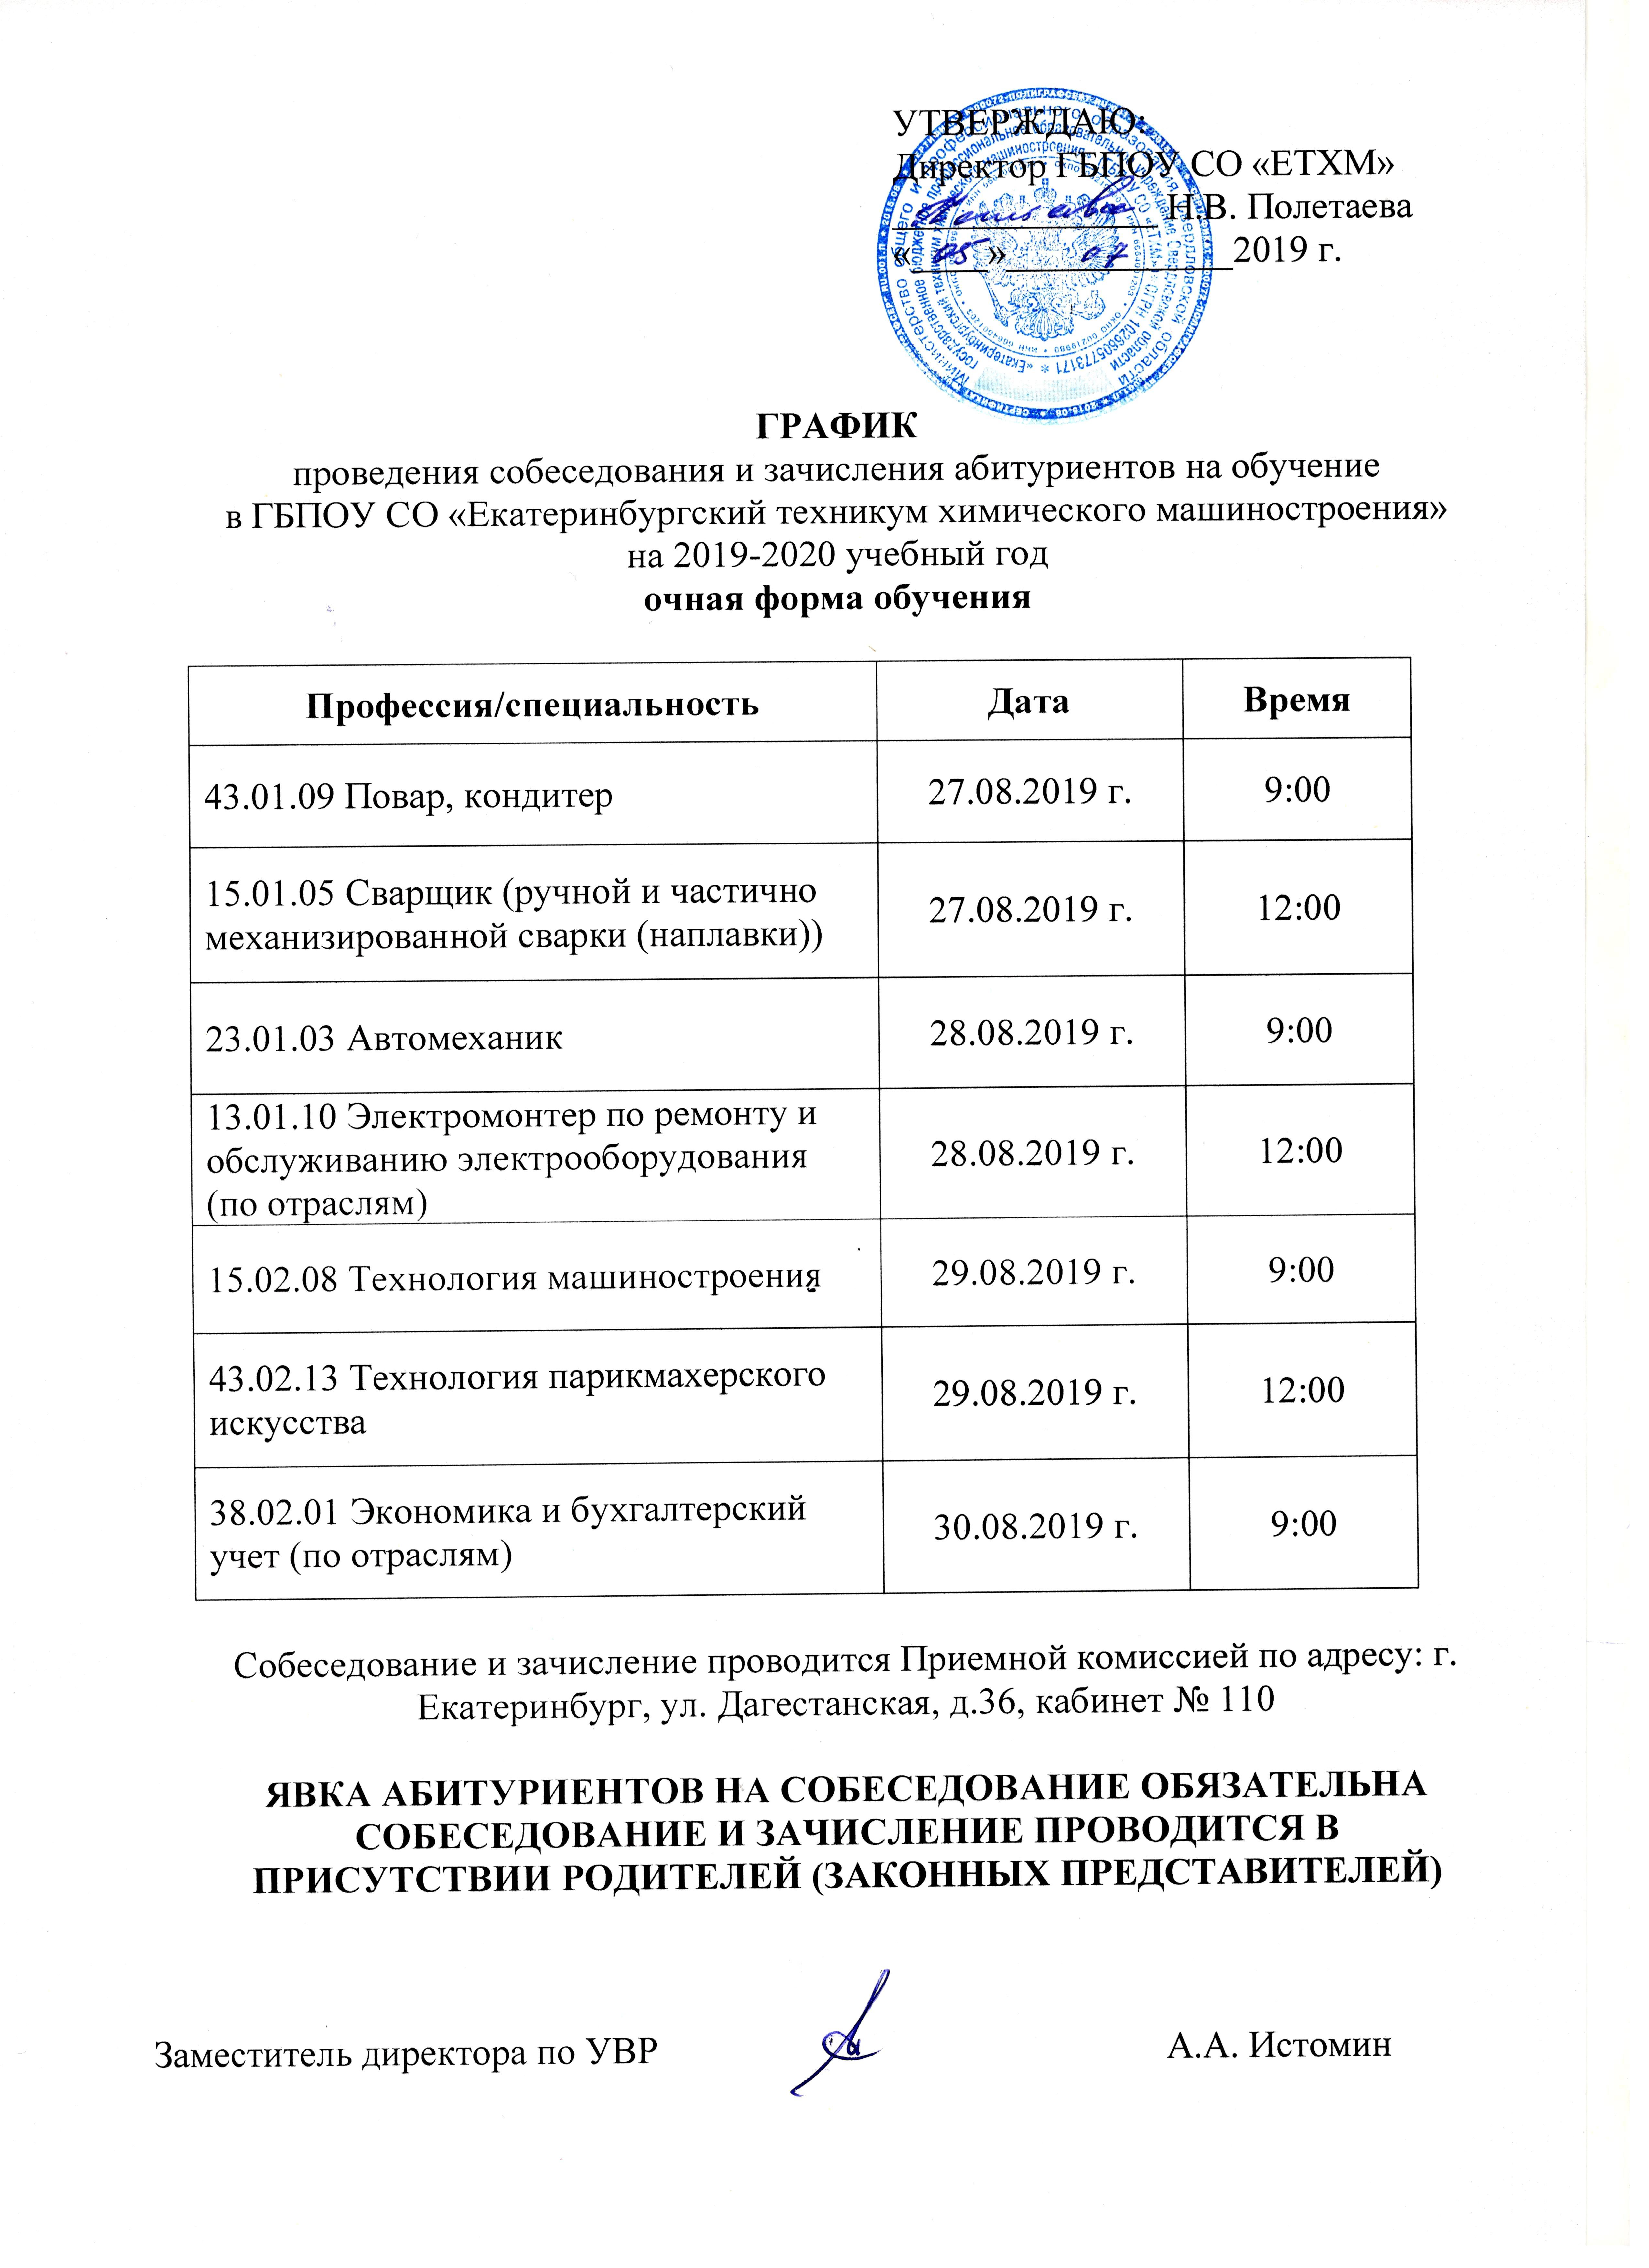 Заявление о возврате взысканной суммы судебными приставами